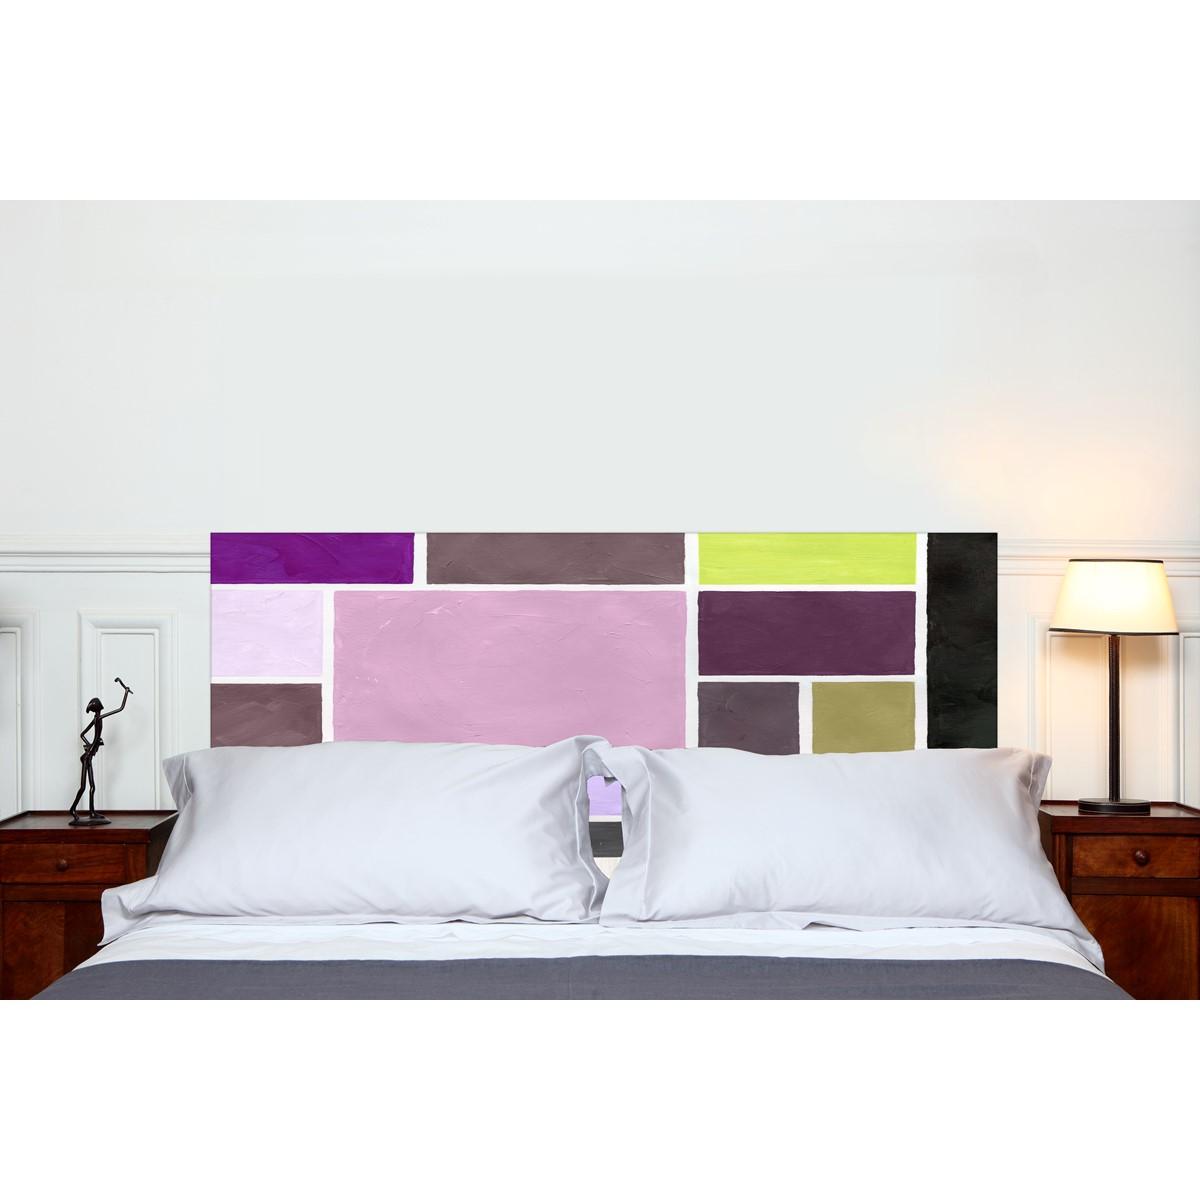 T te de lit en tissu poudr es prune fixer sans support en bois mademois - Lit sans tete de lit ...